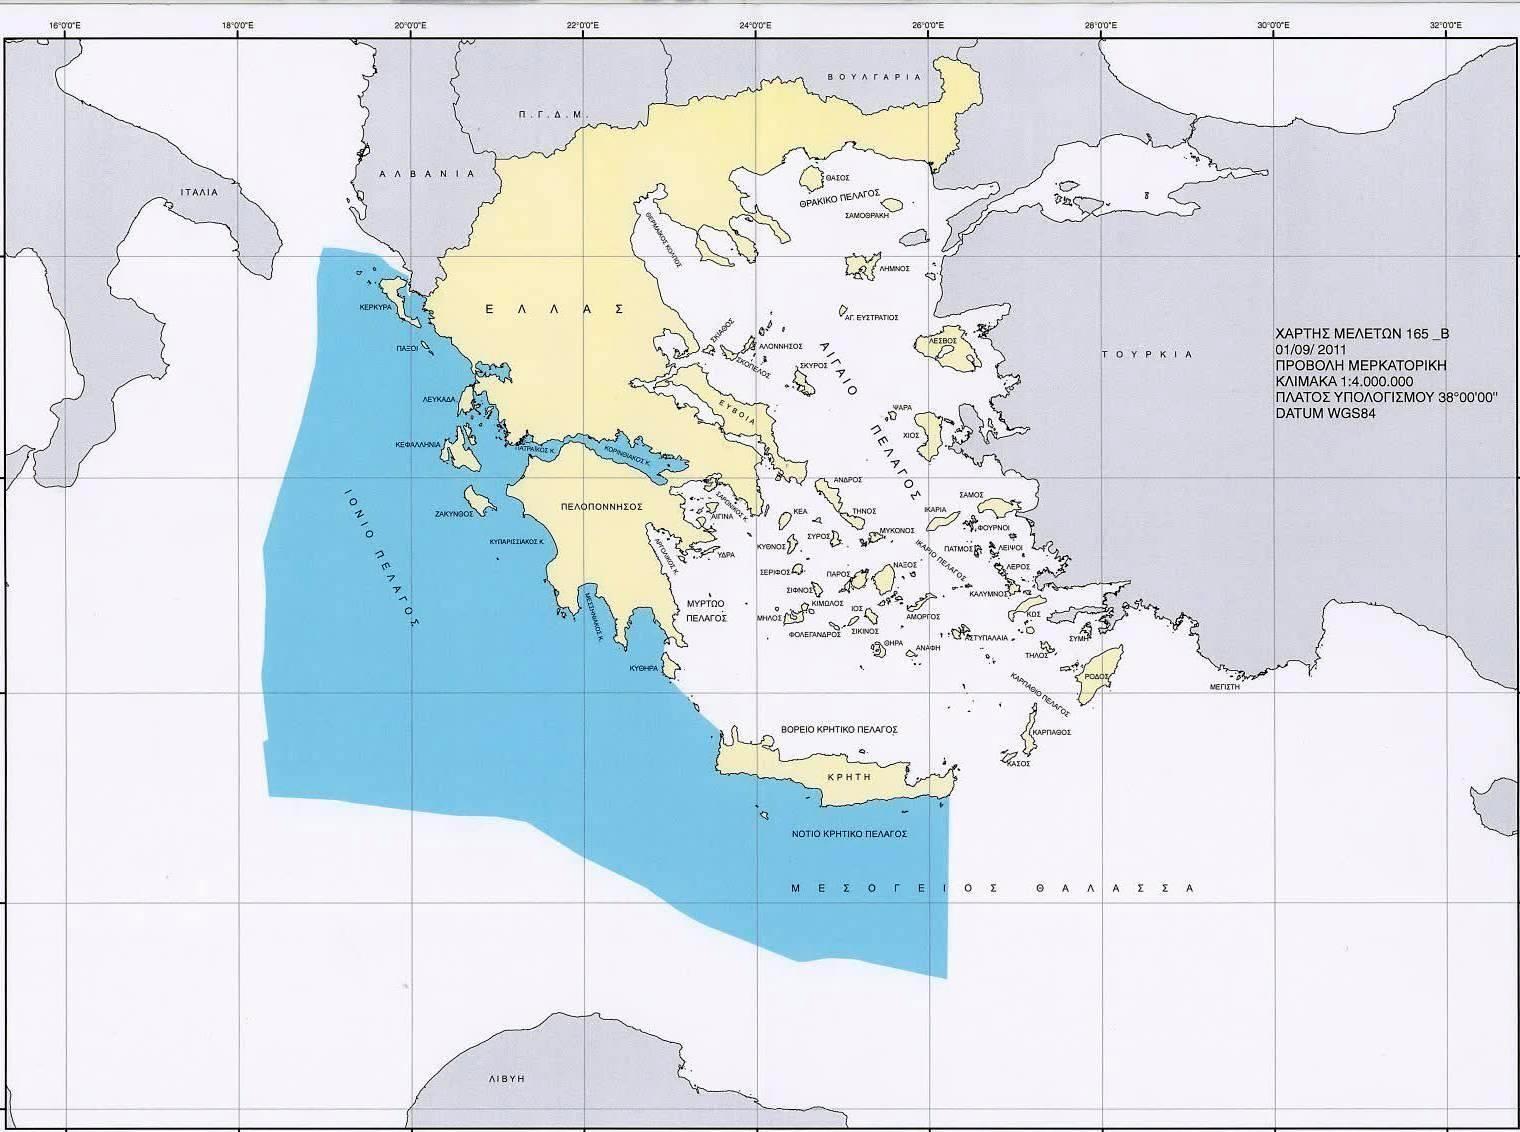 Η ΑΟΖ της Ελλάδας με την Λιβύη,AllTimeClassic